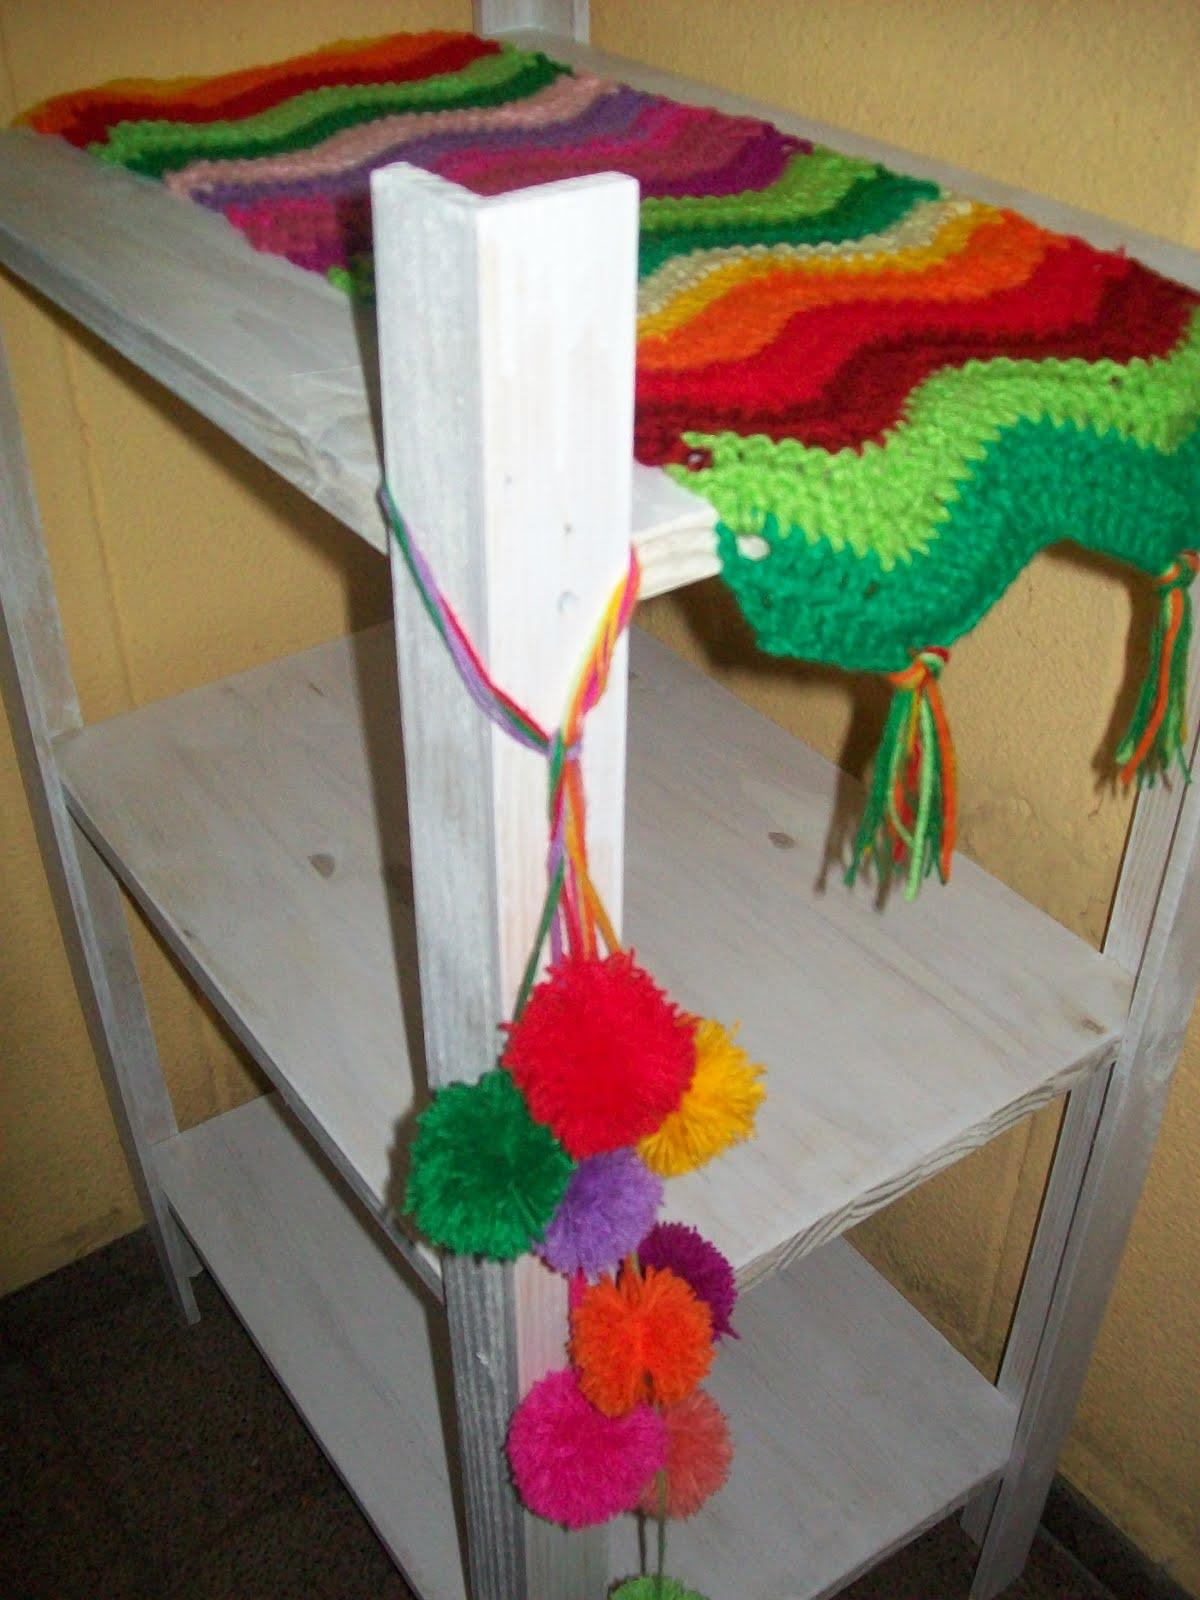 Abuela cata tejido de dise o febrero 2012 - Apliques para cortinas ...